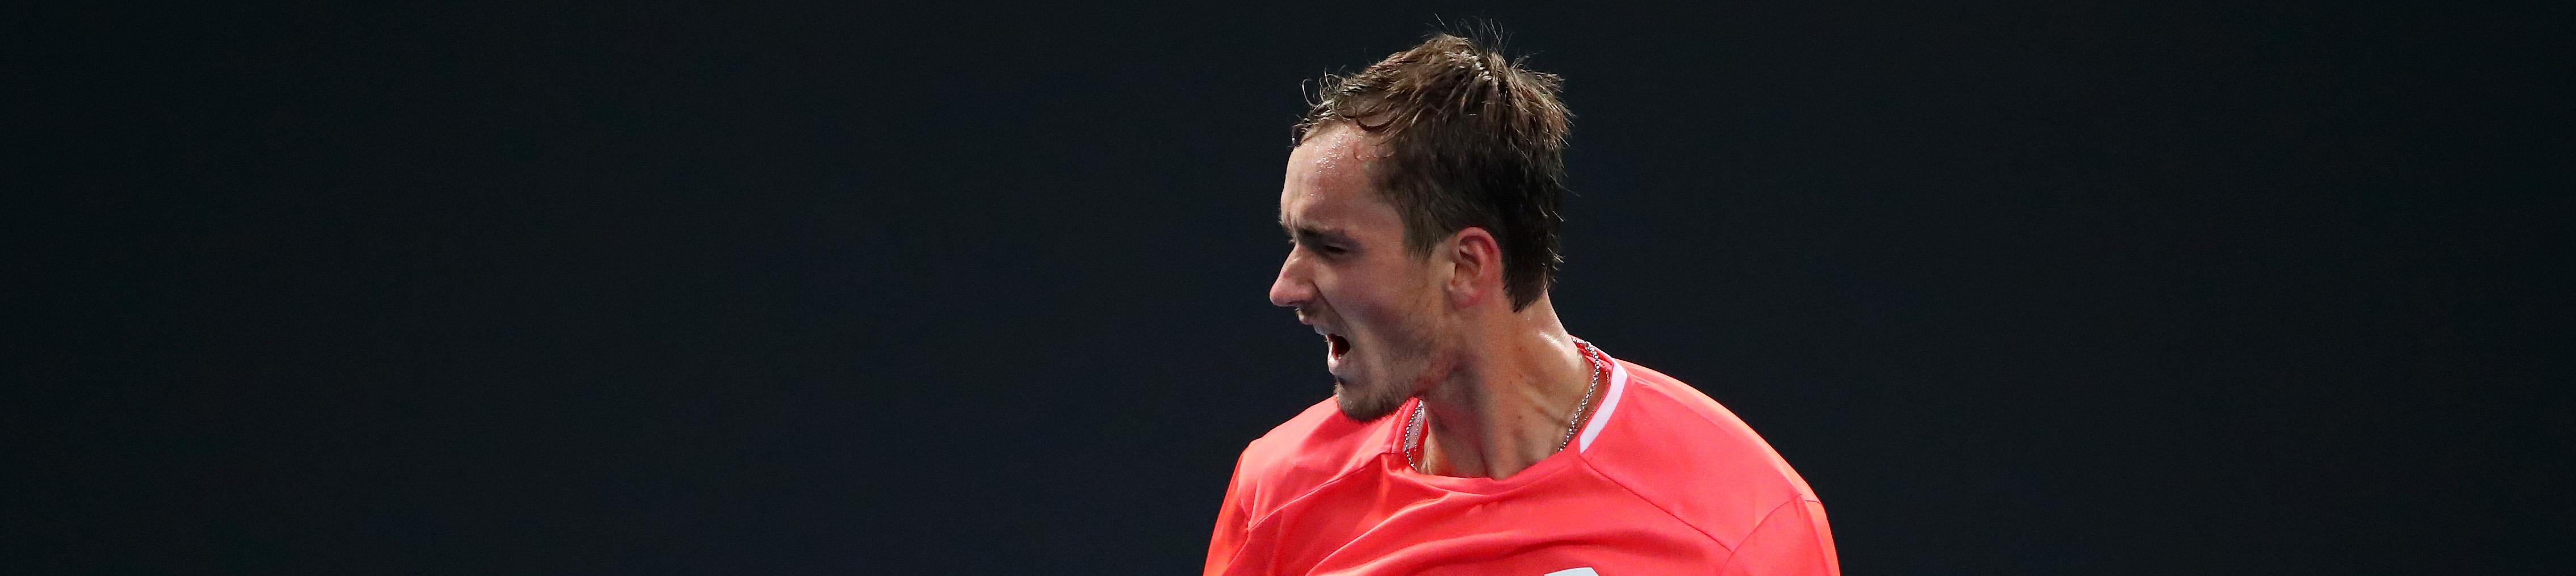 Masters 1000 Cincinnati: Medvedev vuole il titolo e il best ranking. Kuznetsova per la settimana perfetta